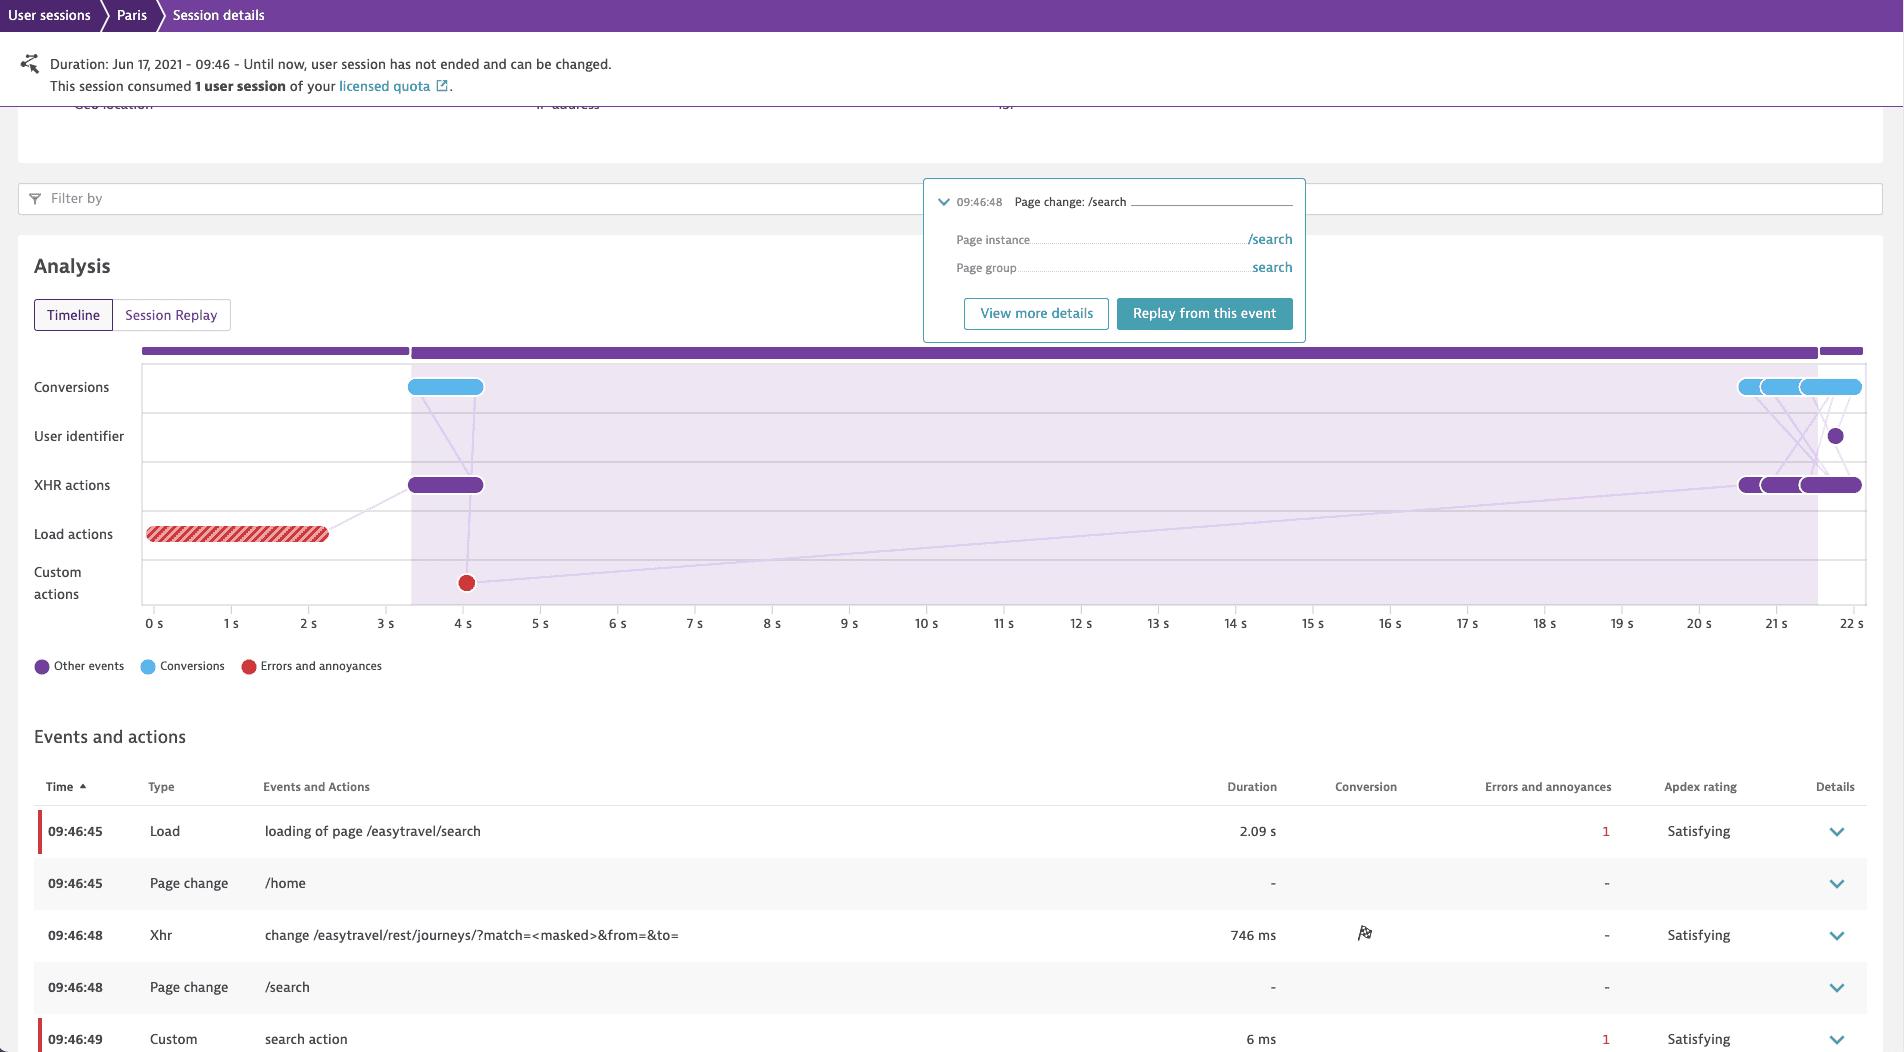 Pages on session details timeline